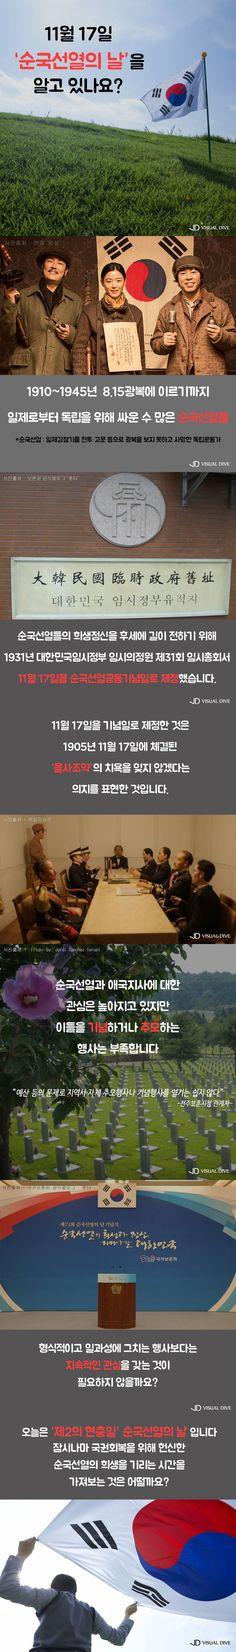 오늘(17일)은 '제2의 현충일' 순국선열의 날입니다 [카드뉴스] #Korea / #Cardnews ⓒ 비주얼다이브 무단 복사·전재·재배포 금지